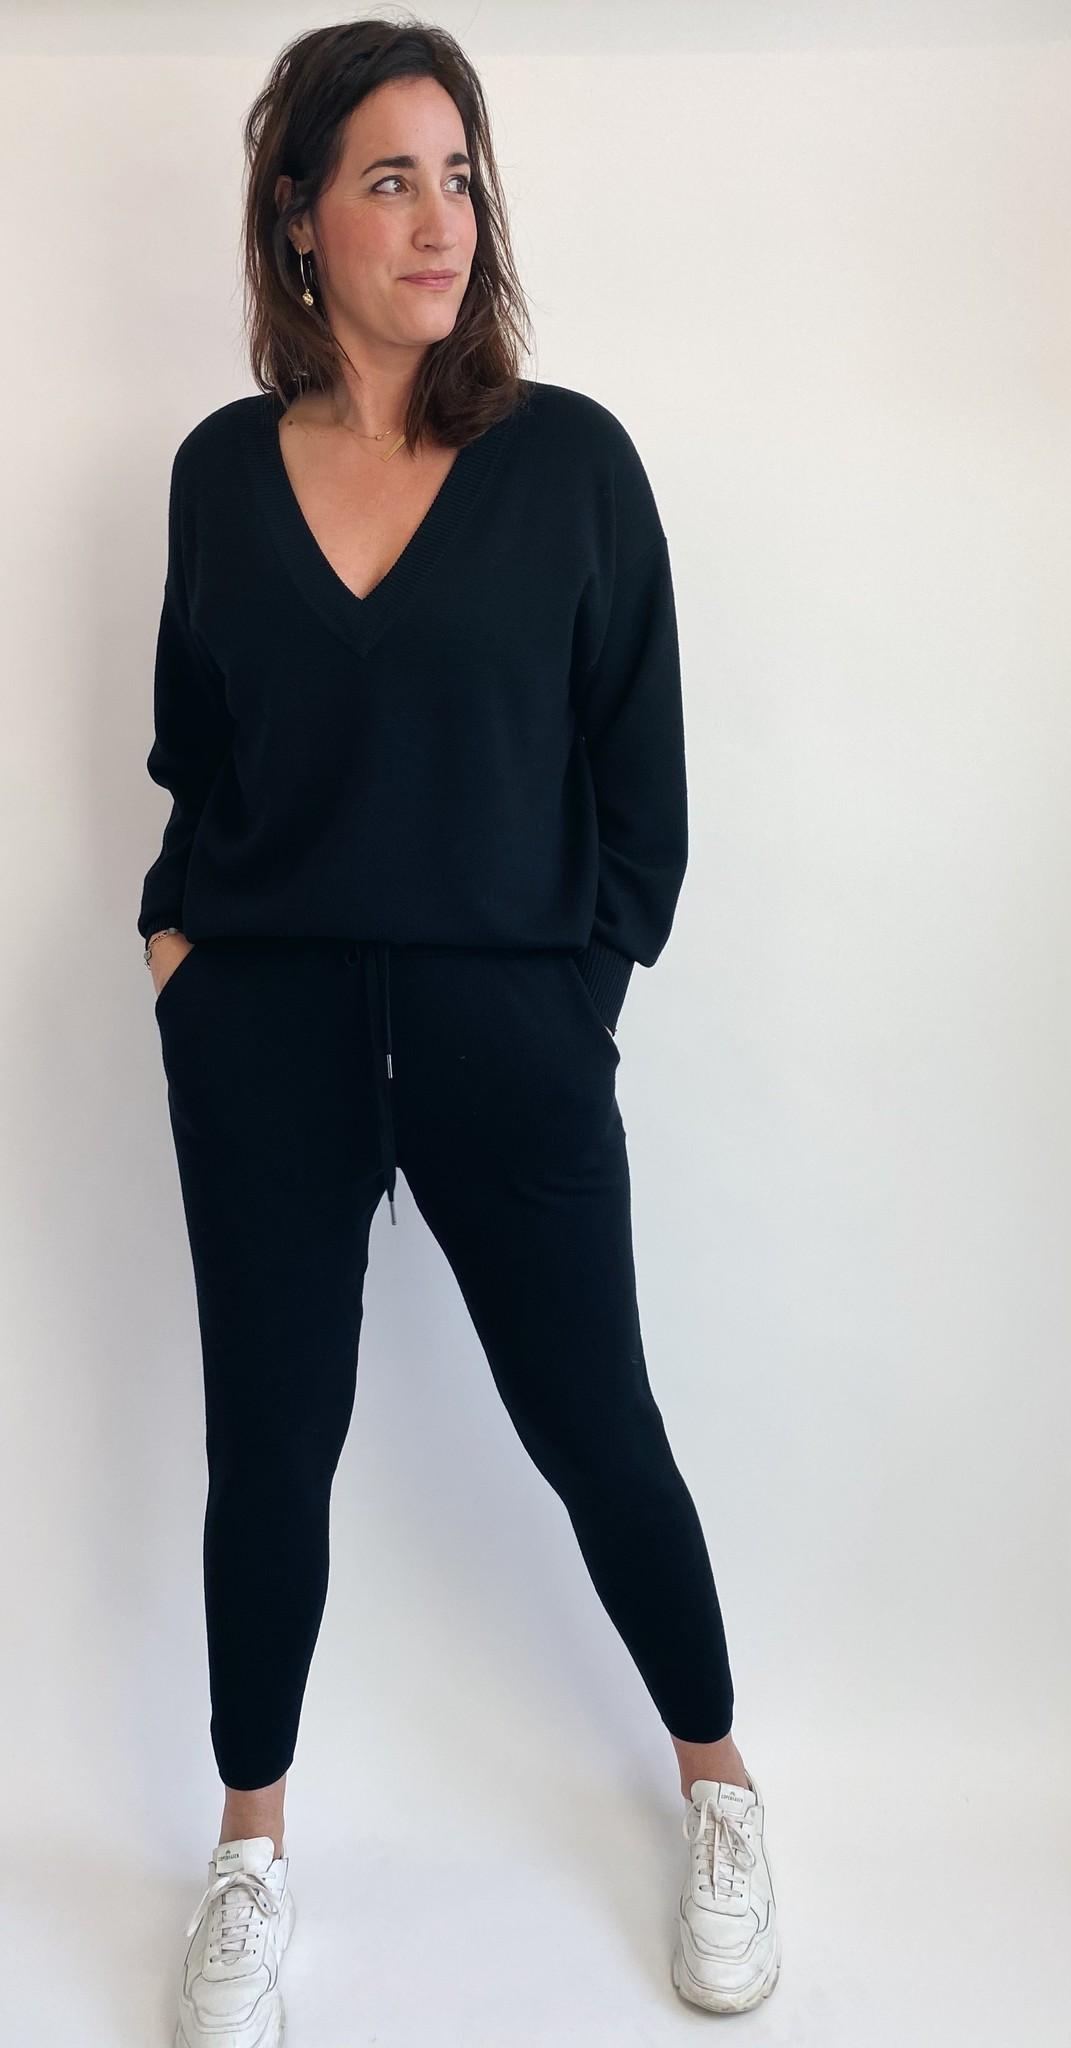 Broek KAkitlyn 7/8 knit pants black deep-3